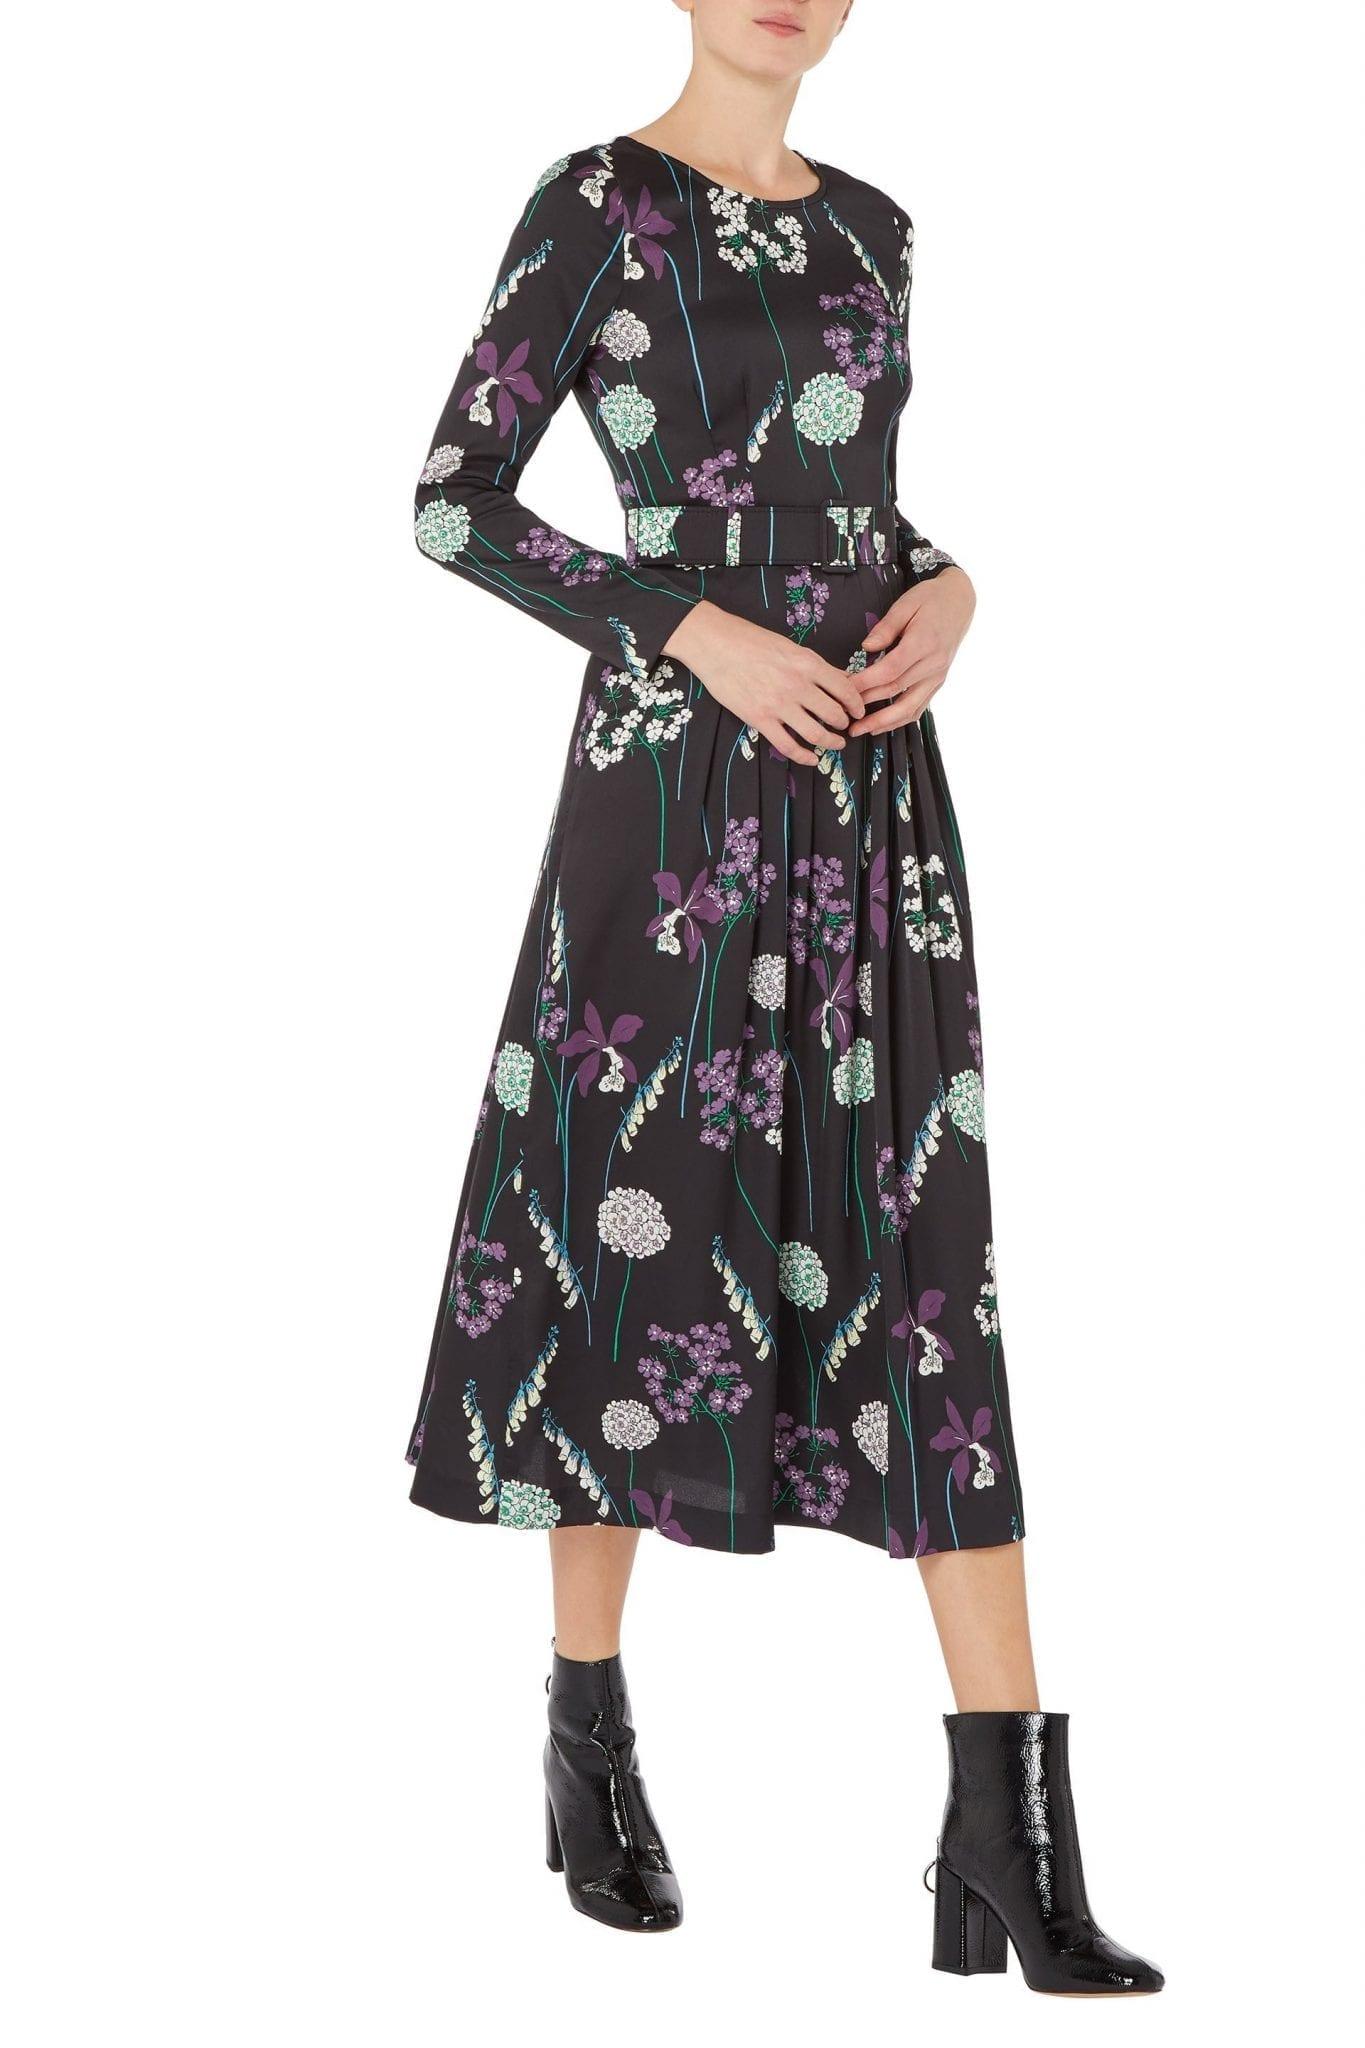 GOAT FASHION Josephine Foxglove Print Midi Dress